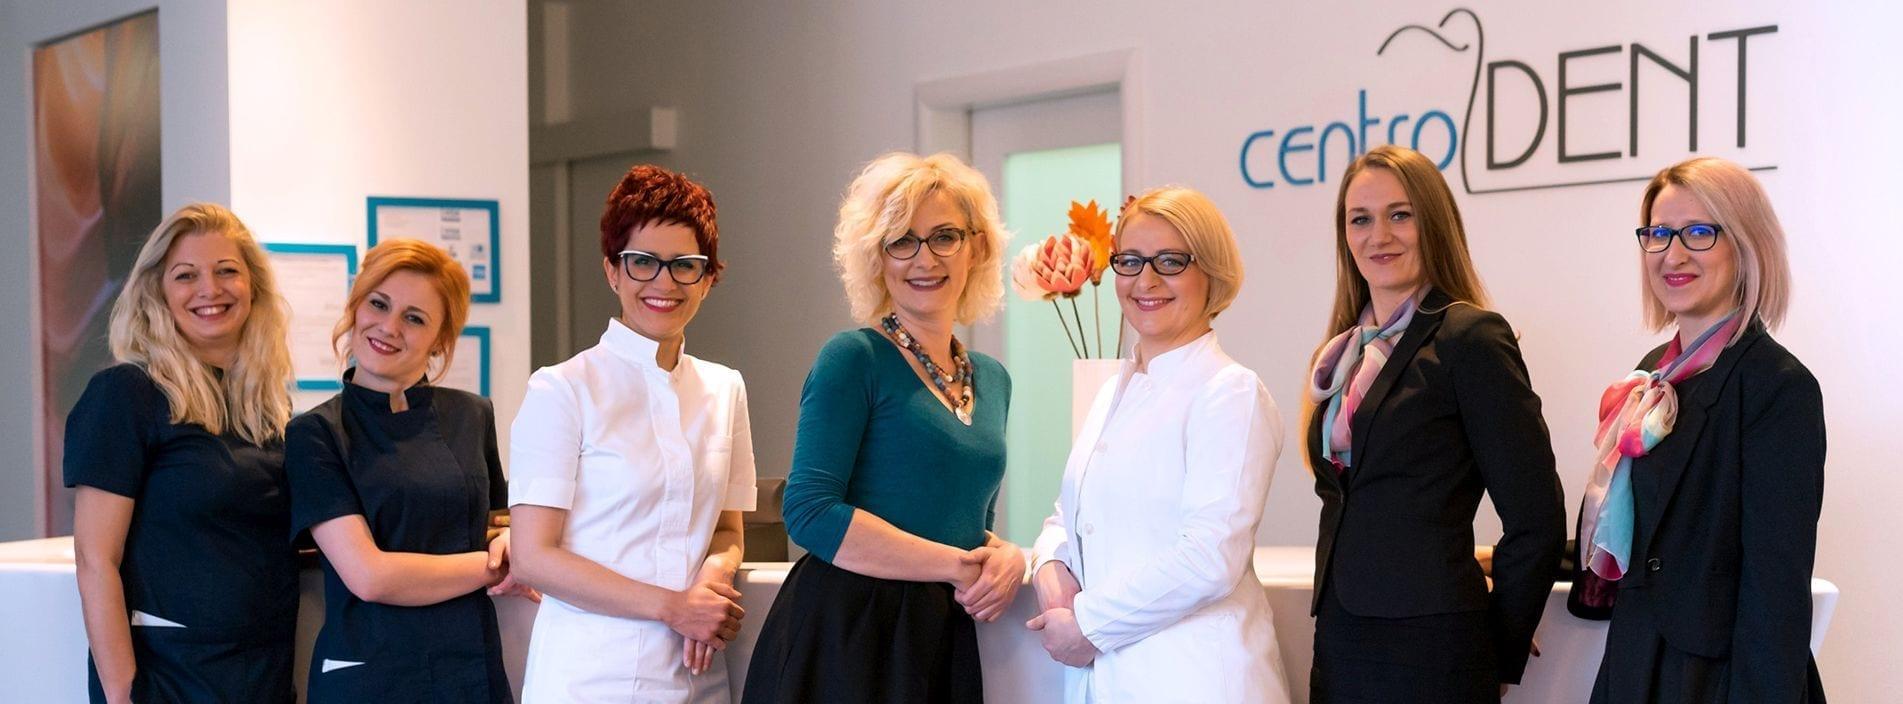 Migliori dentisti in Croazia - Fiume